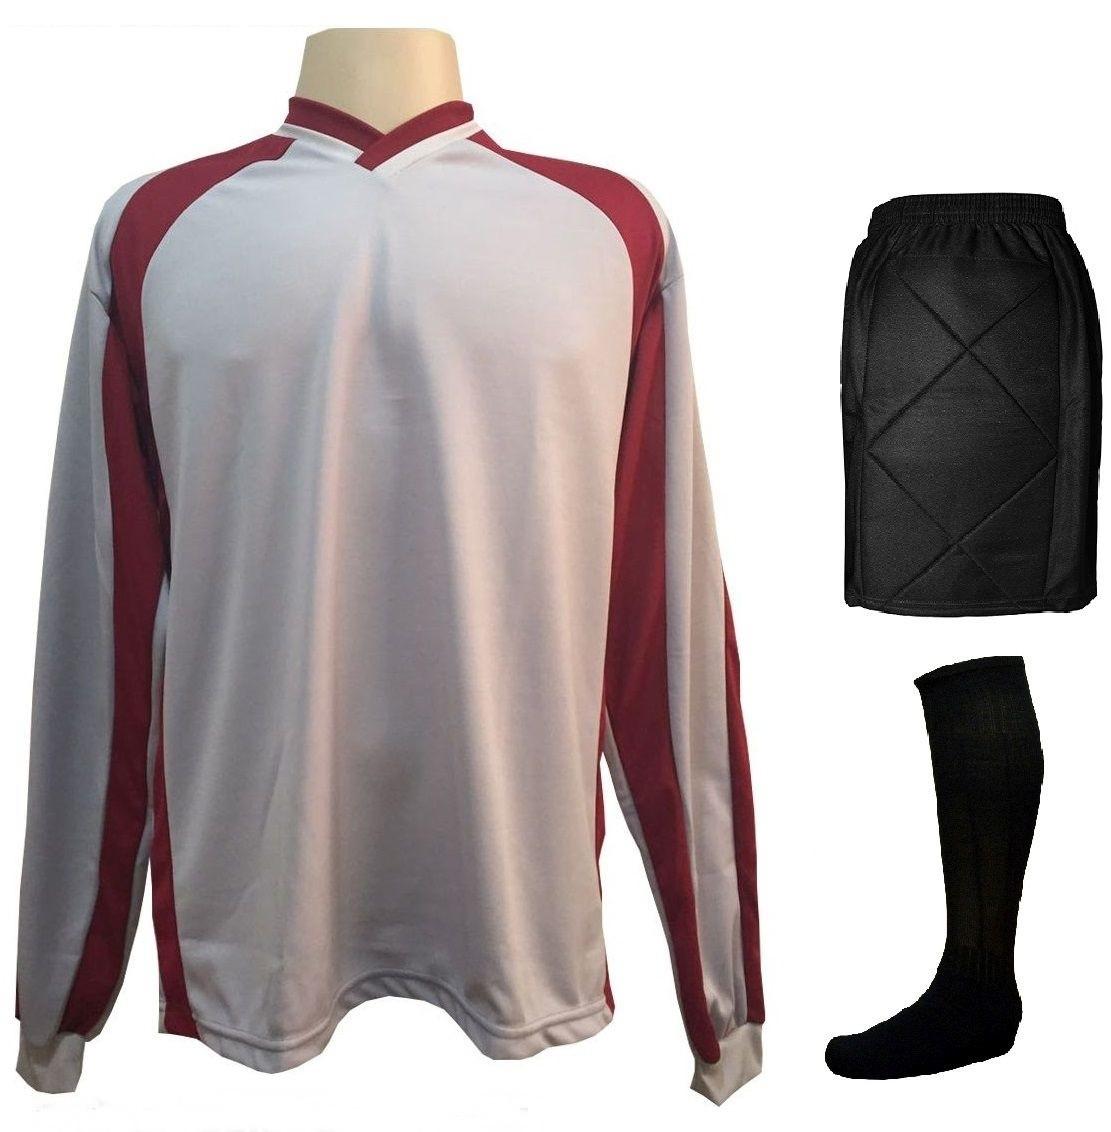 Fardamento Completo modelo Milan 20+1 (20 camisas Vermelho/Branco + 20 calções modelo Madrid Royal + 20 pares de meiões Vermelho + 1 conjunto de goleiro) + Brindes